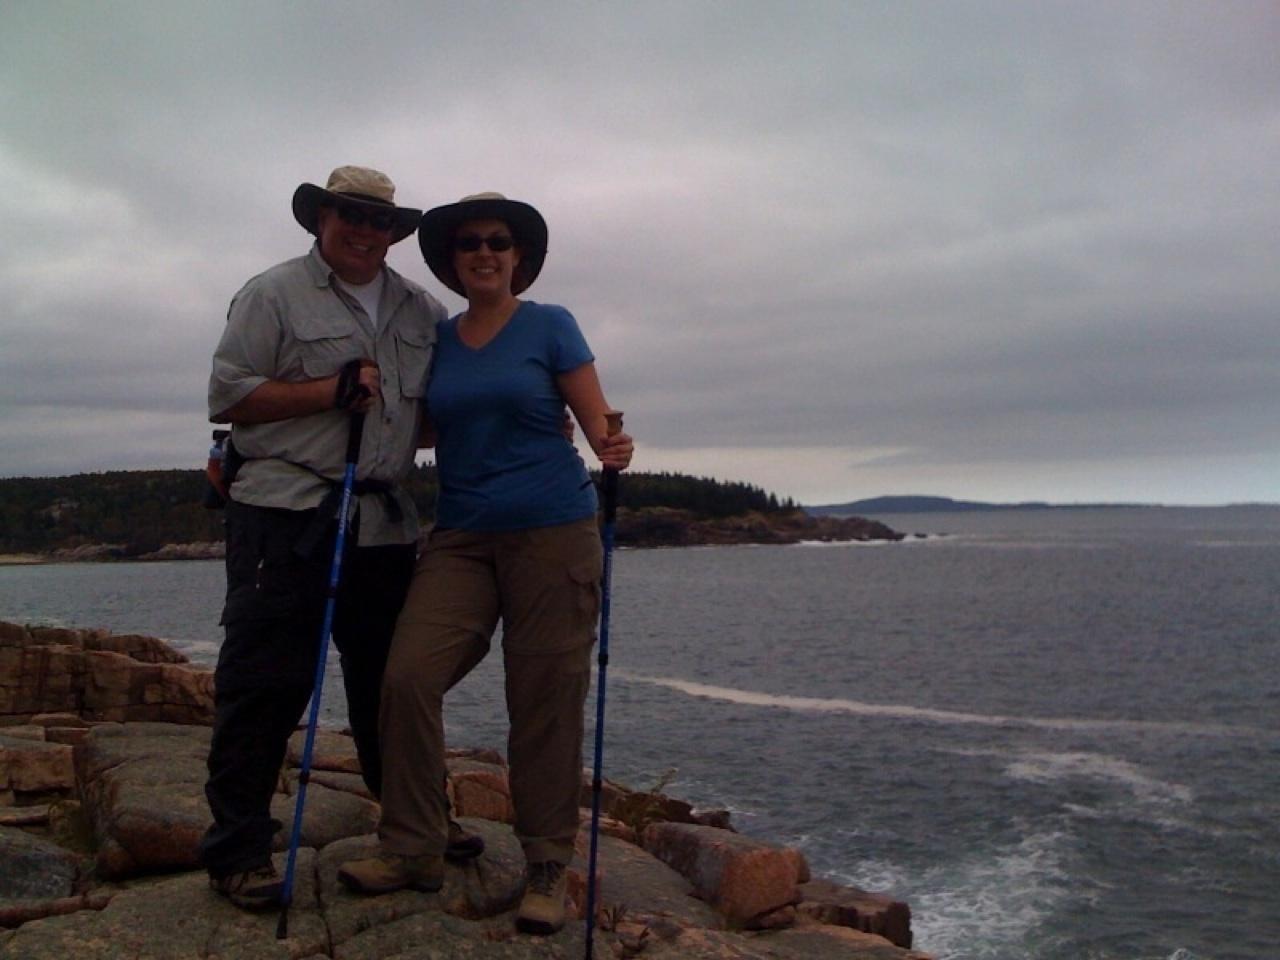 David & Brenda in Acadia National Park